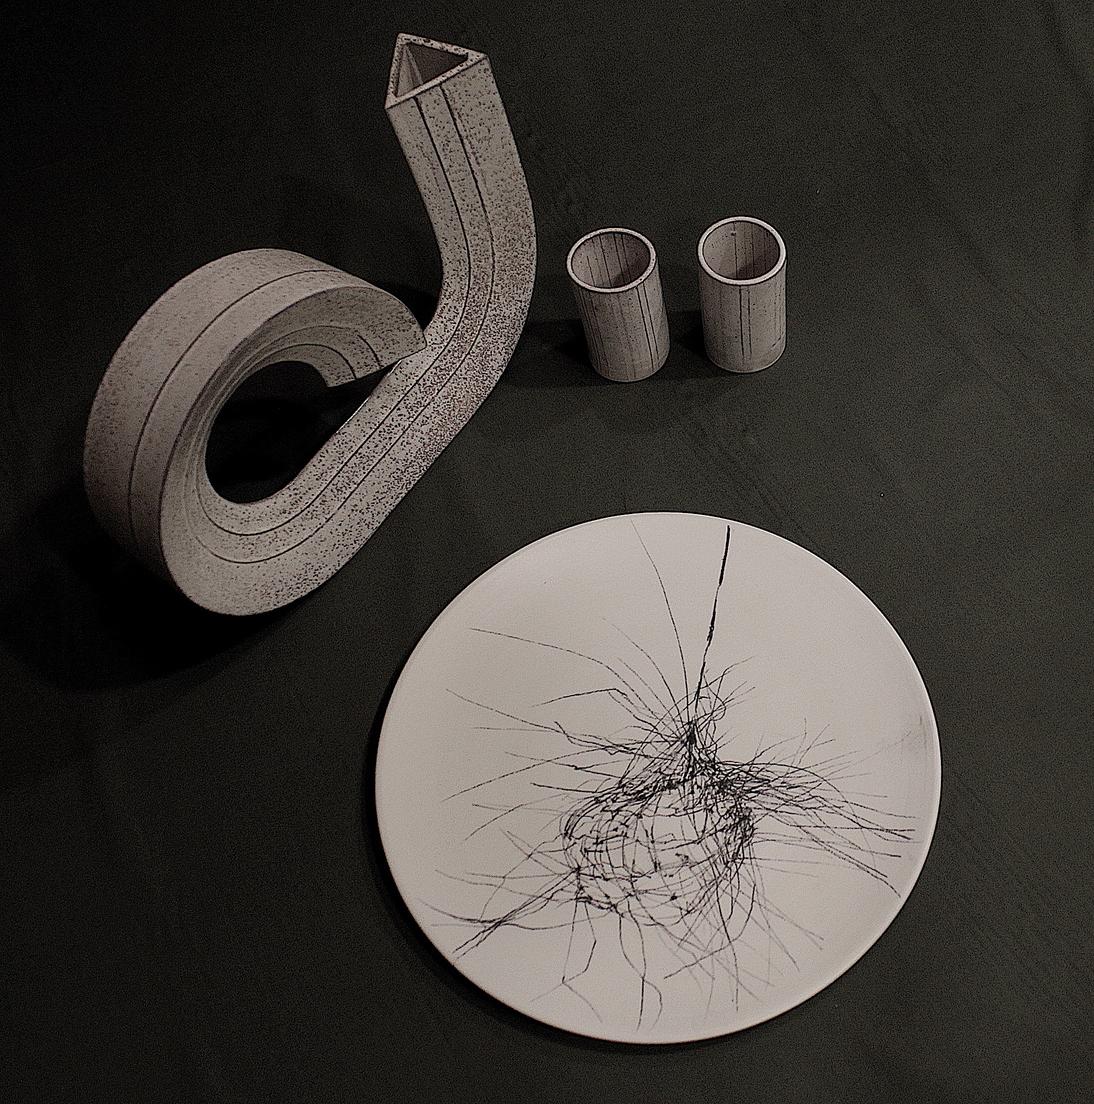 Un piatto in porcellana decorato con le linee potenti e decise tipiche dello stile di Chiara Bernardini